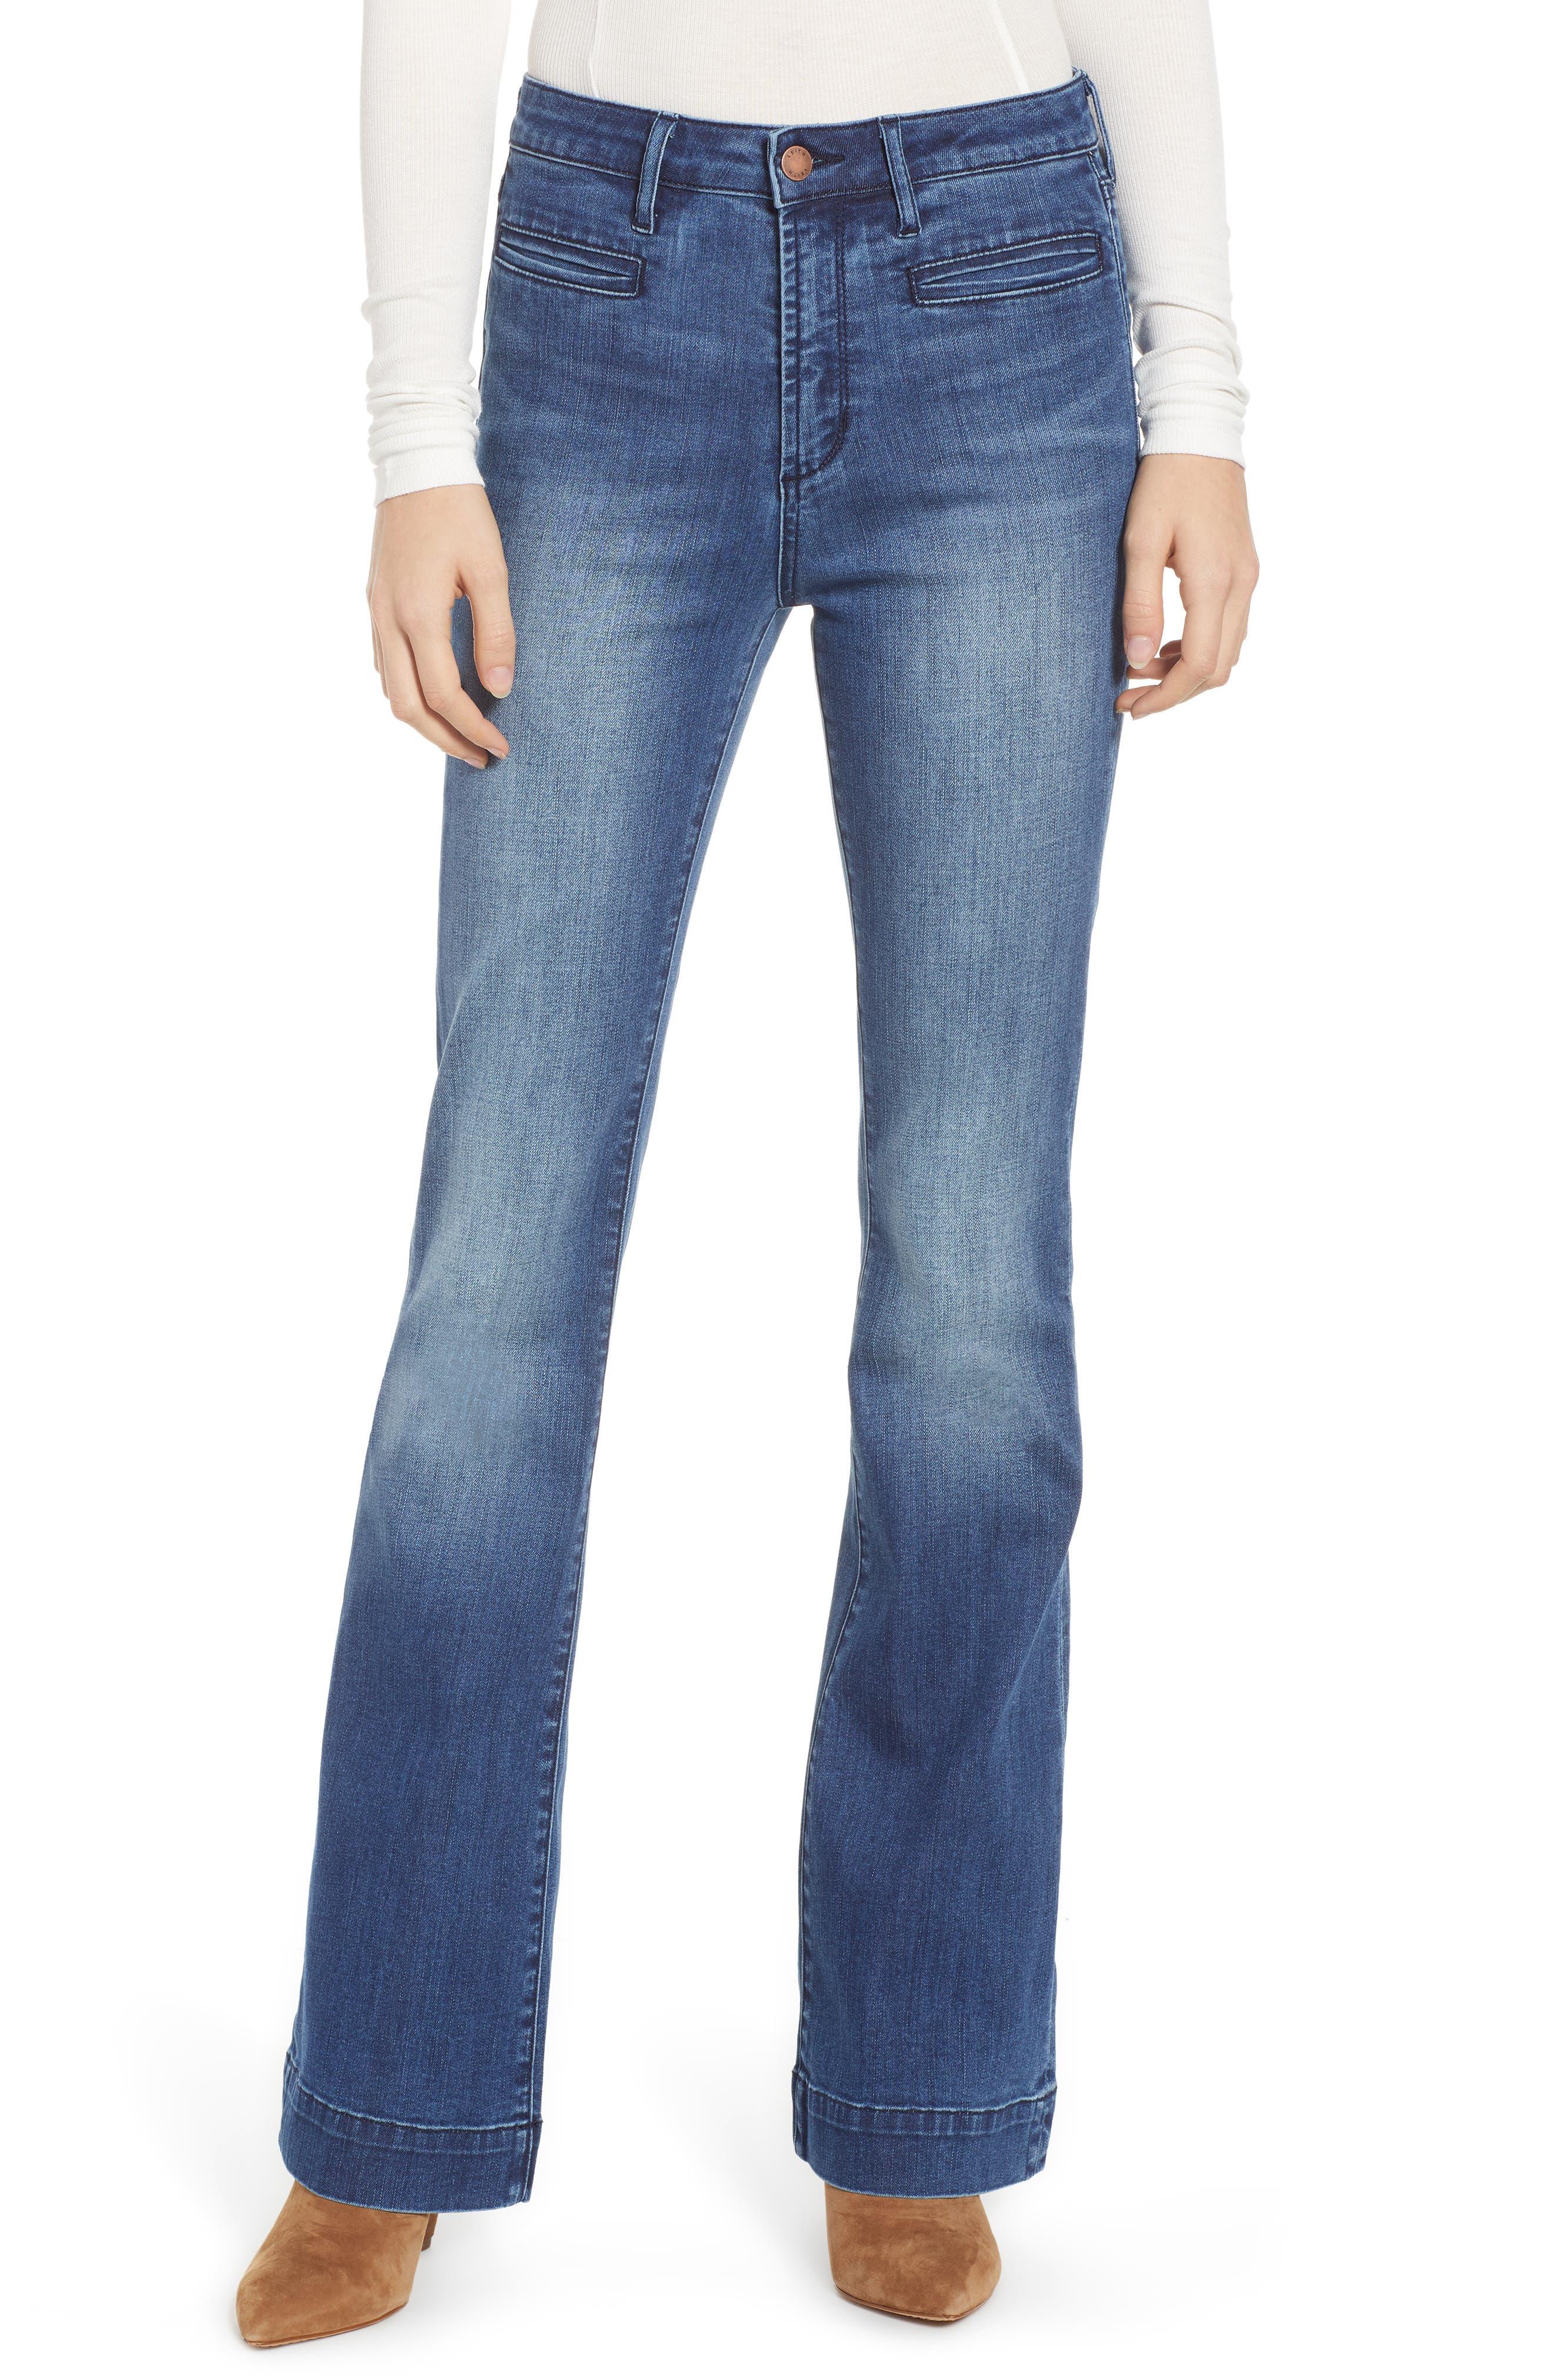 LEITH, High Waist Flare Jeans, Main thumbnail 1, color, MEDIUM WASH